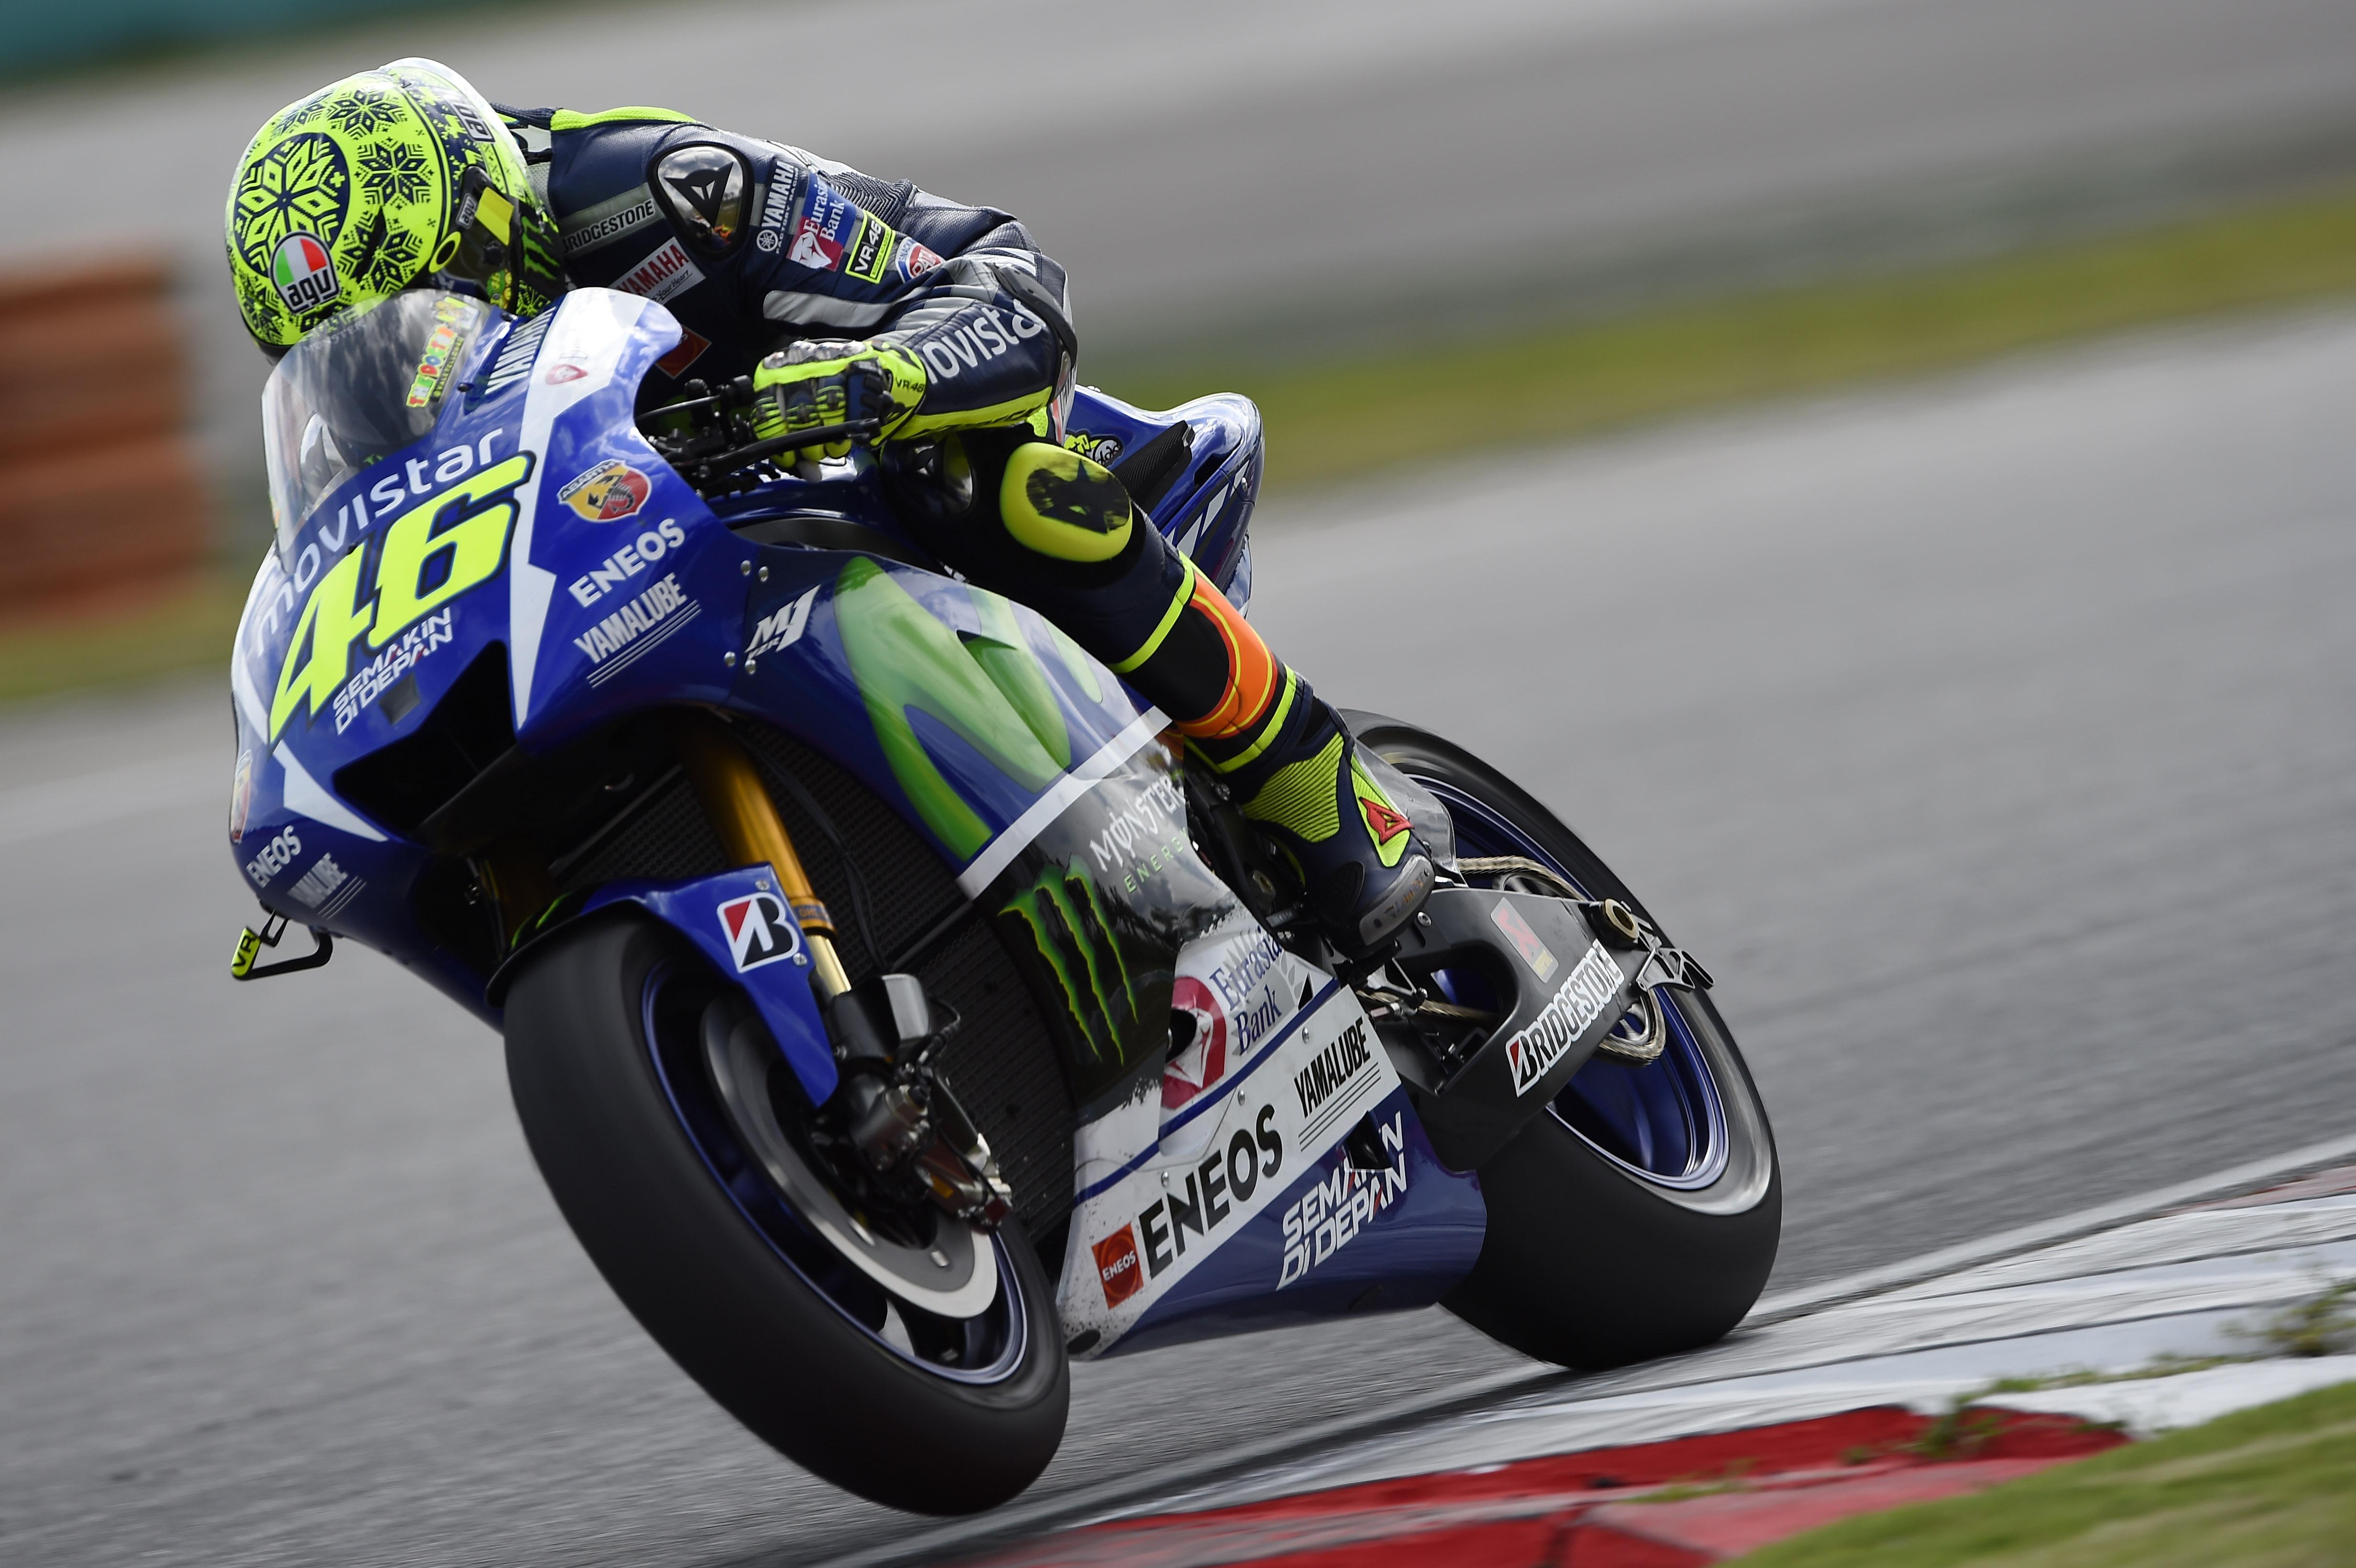 Race MotoGP 2015 Wallpaper HD 6710 Wallpaper MoshLab Wallpaper 4928x3280